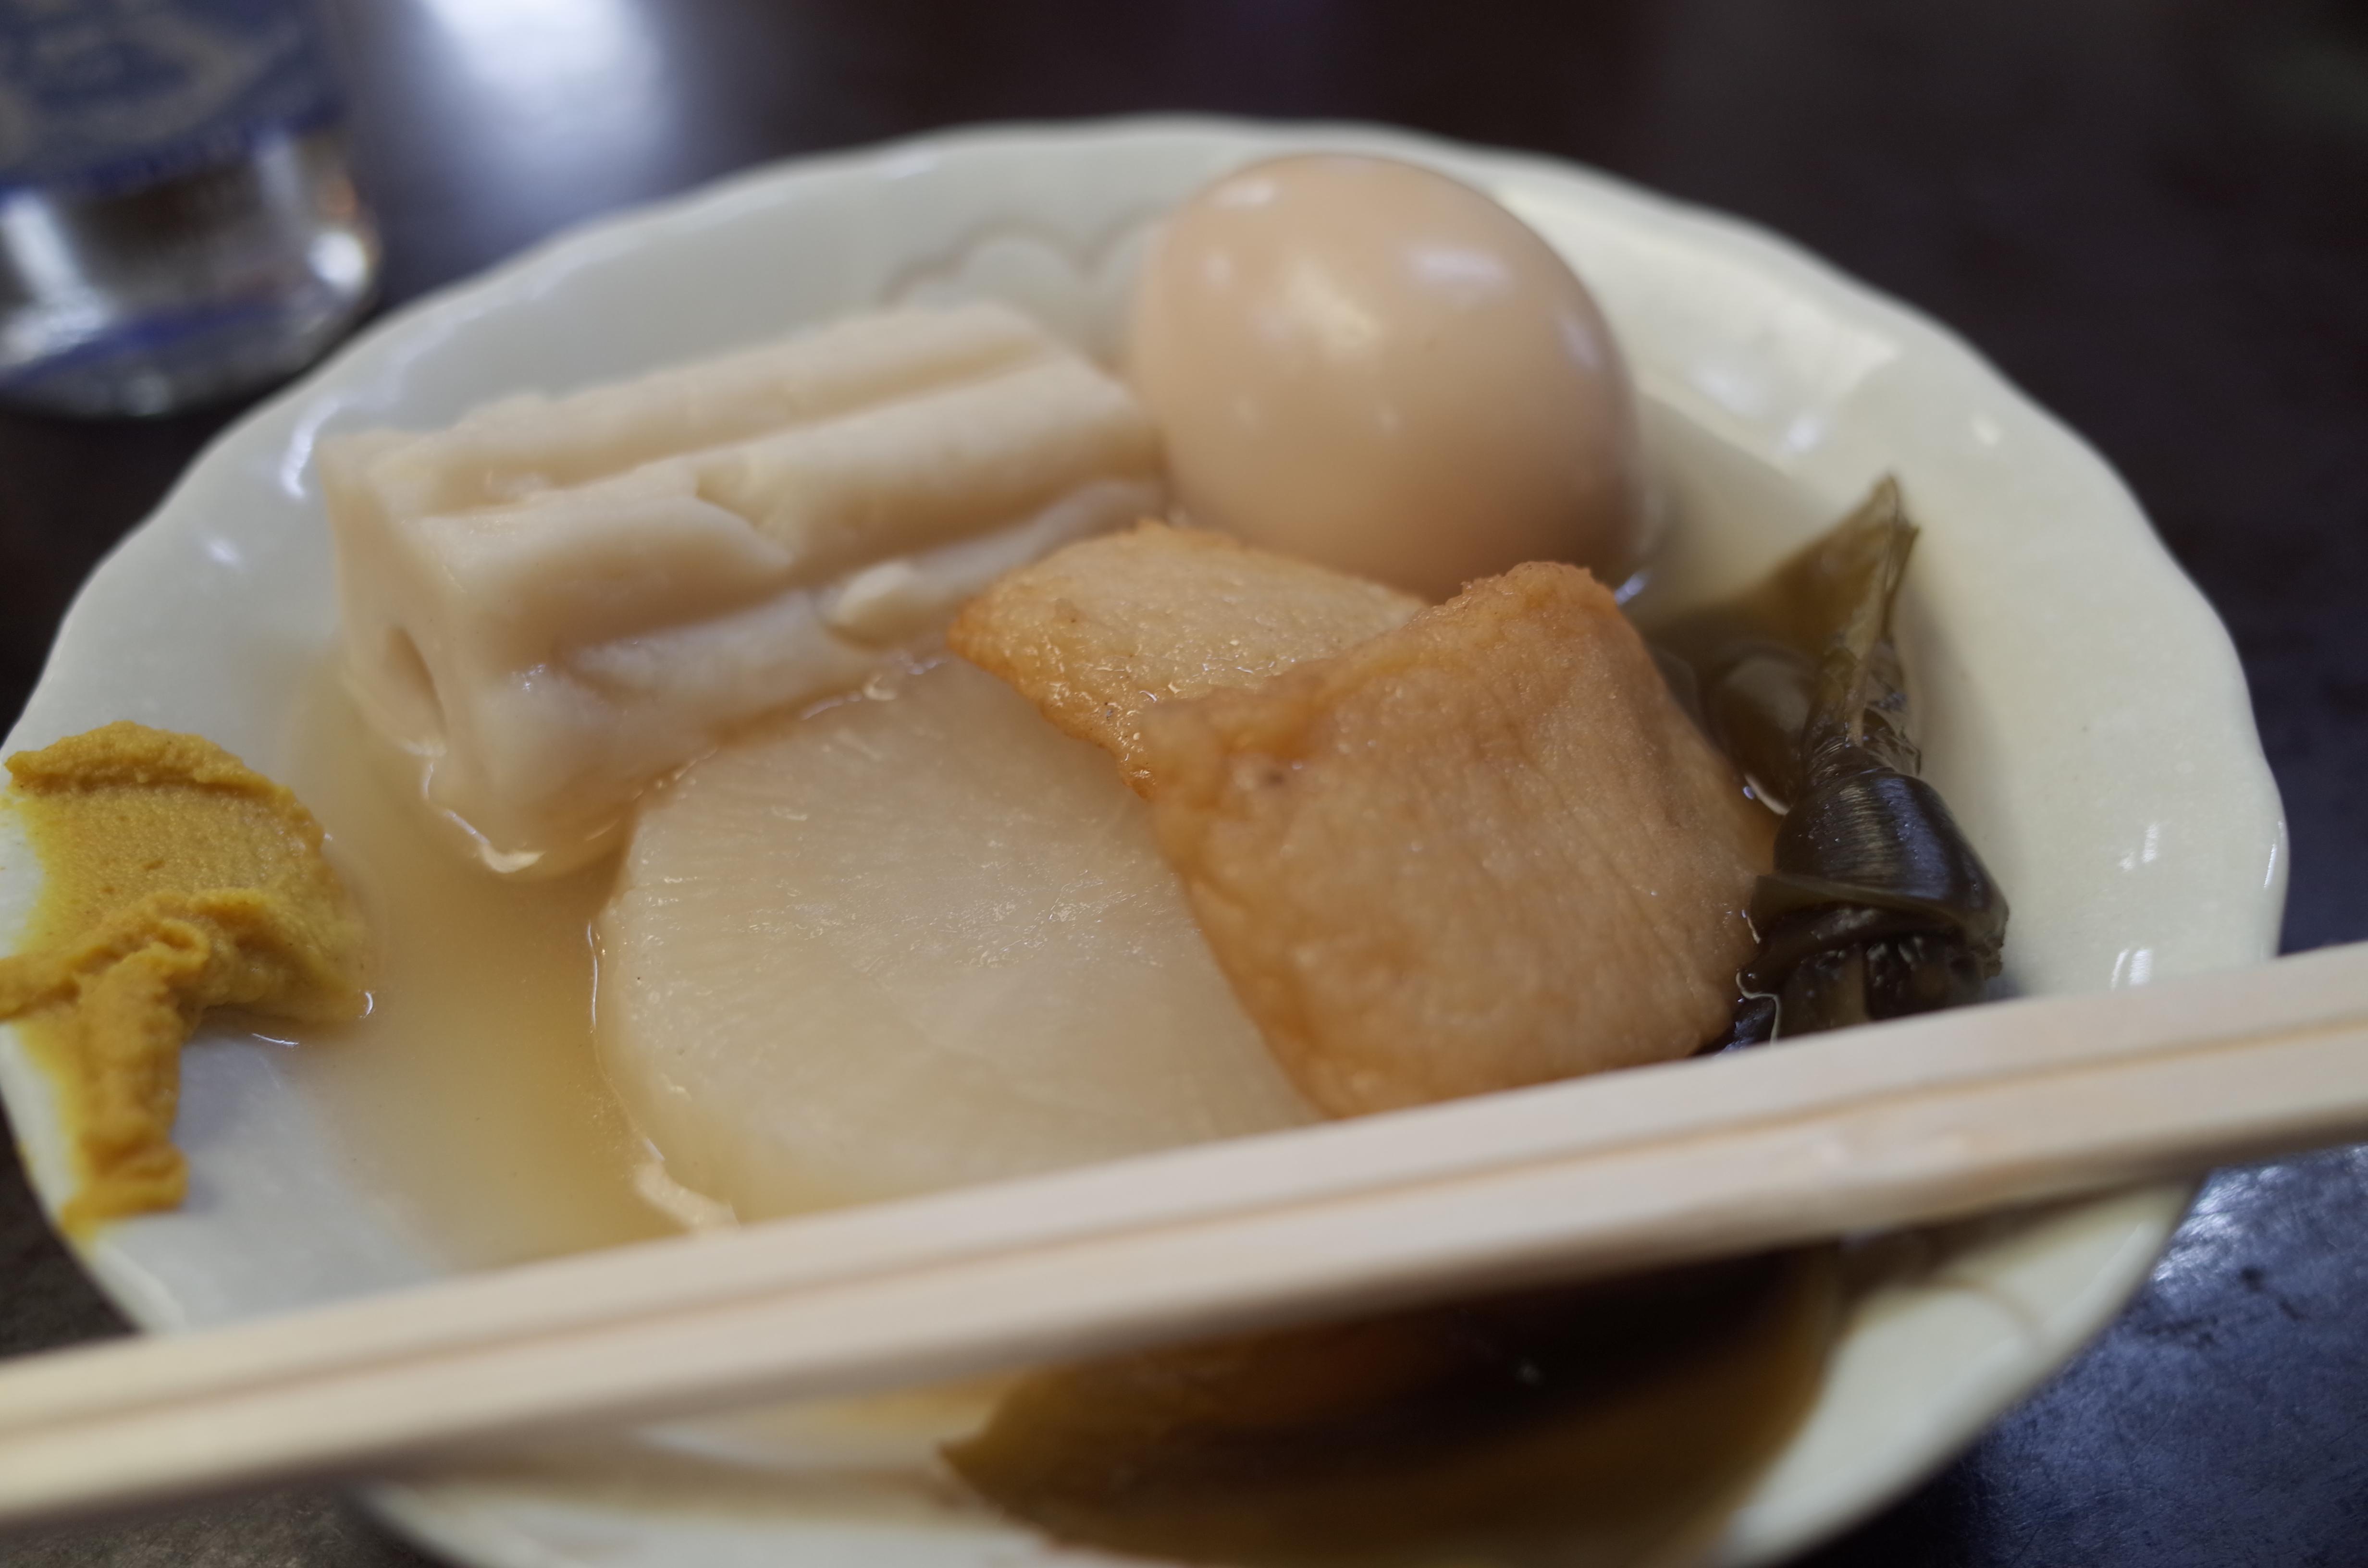 東京 赤羽 丸健水産のおでんと日本酒で昼飲み!出汁割りが美味い!